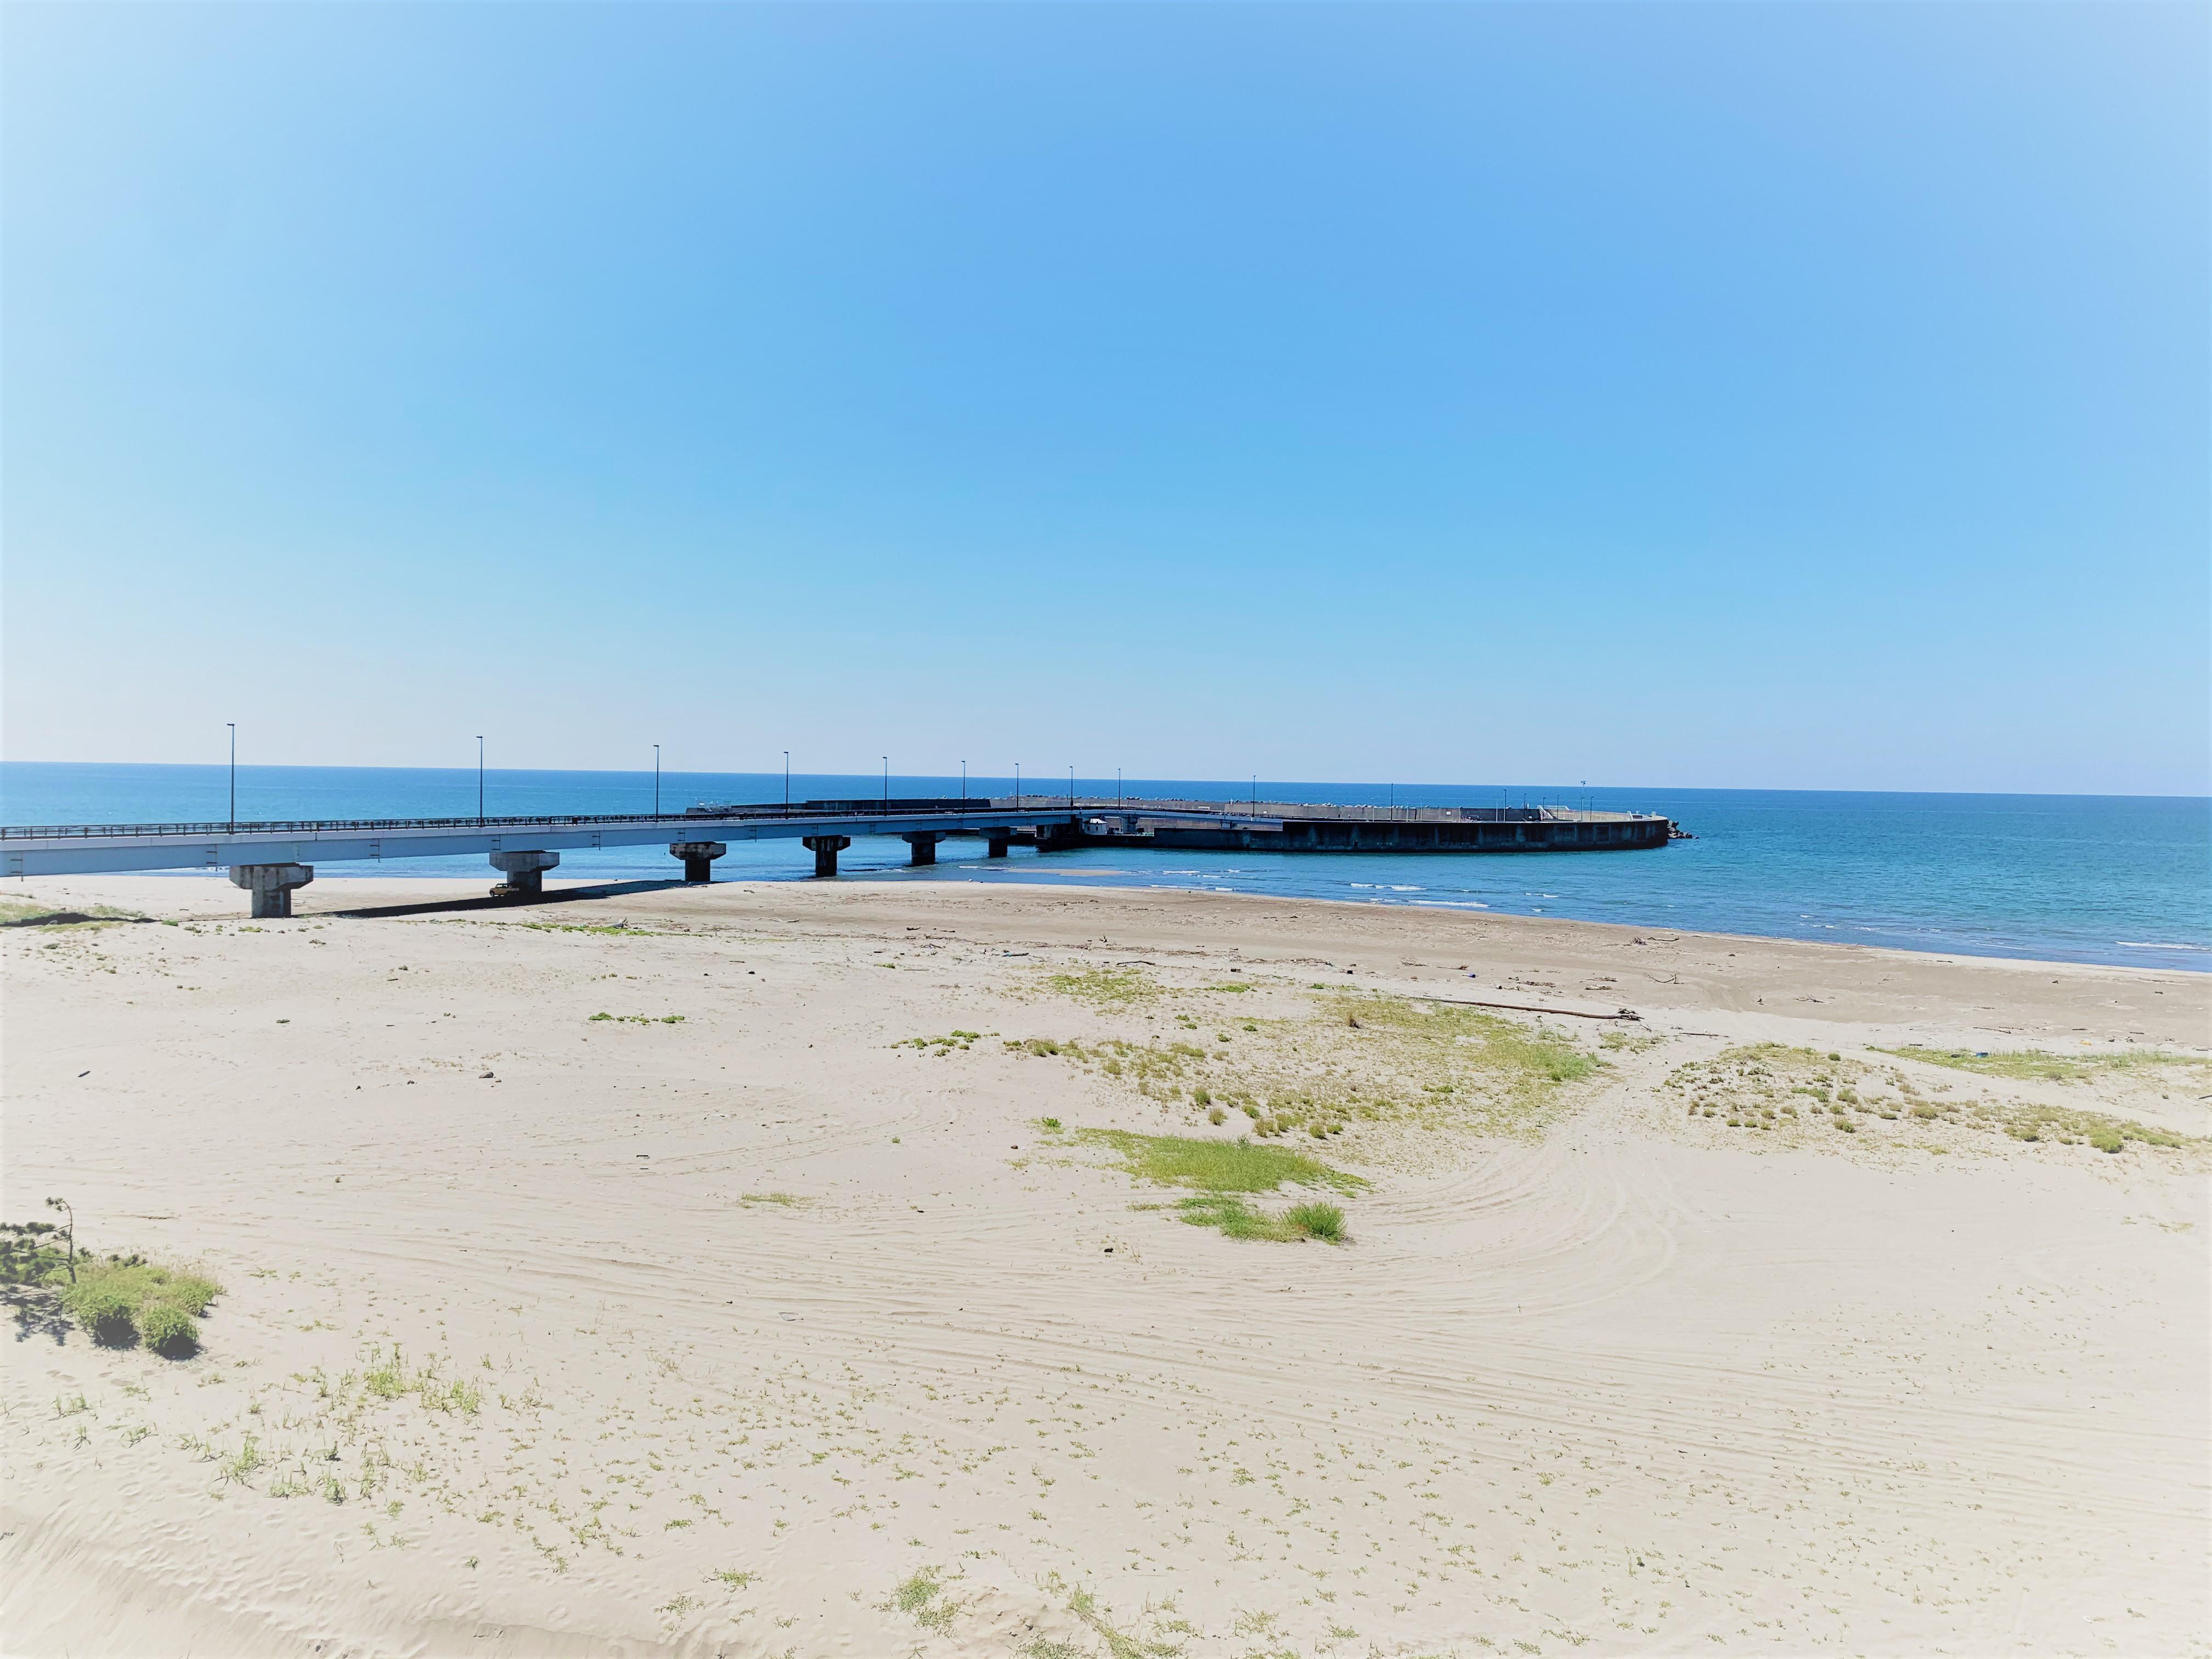 海へと続く橋を渡った先にあったのは○○         ~道の駅岩城 岩城アイランドパーク~